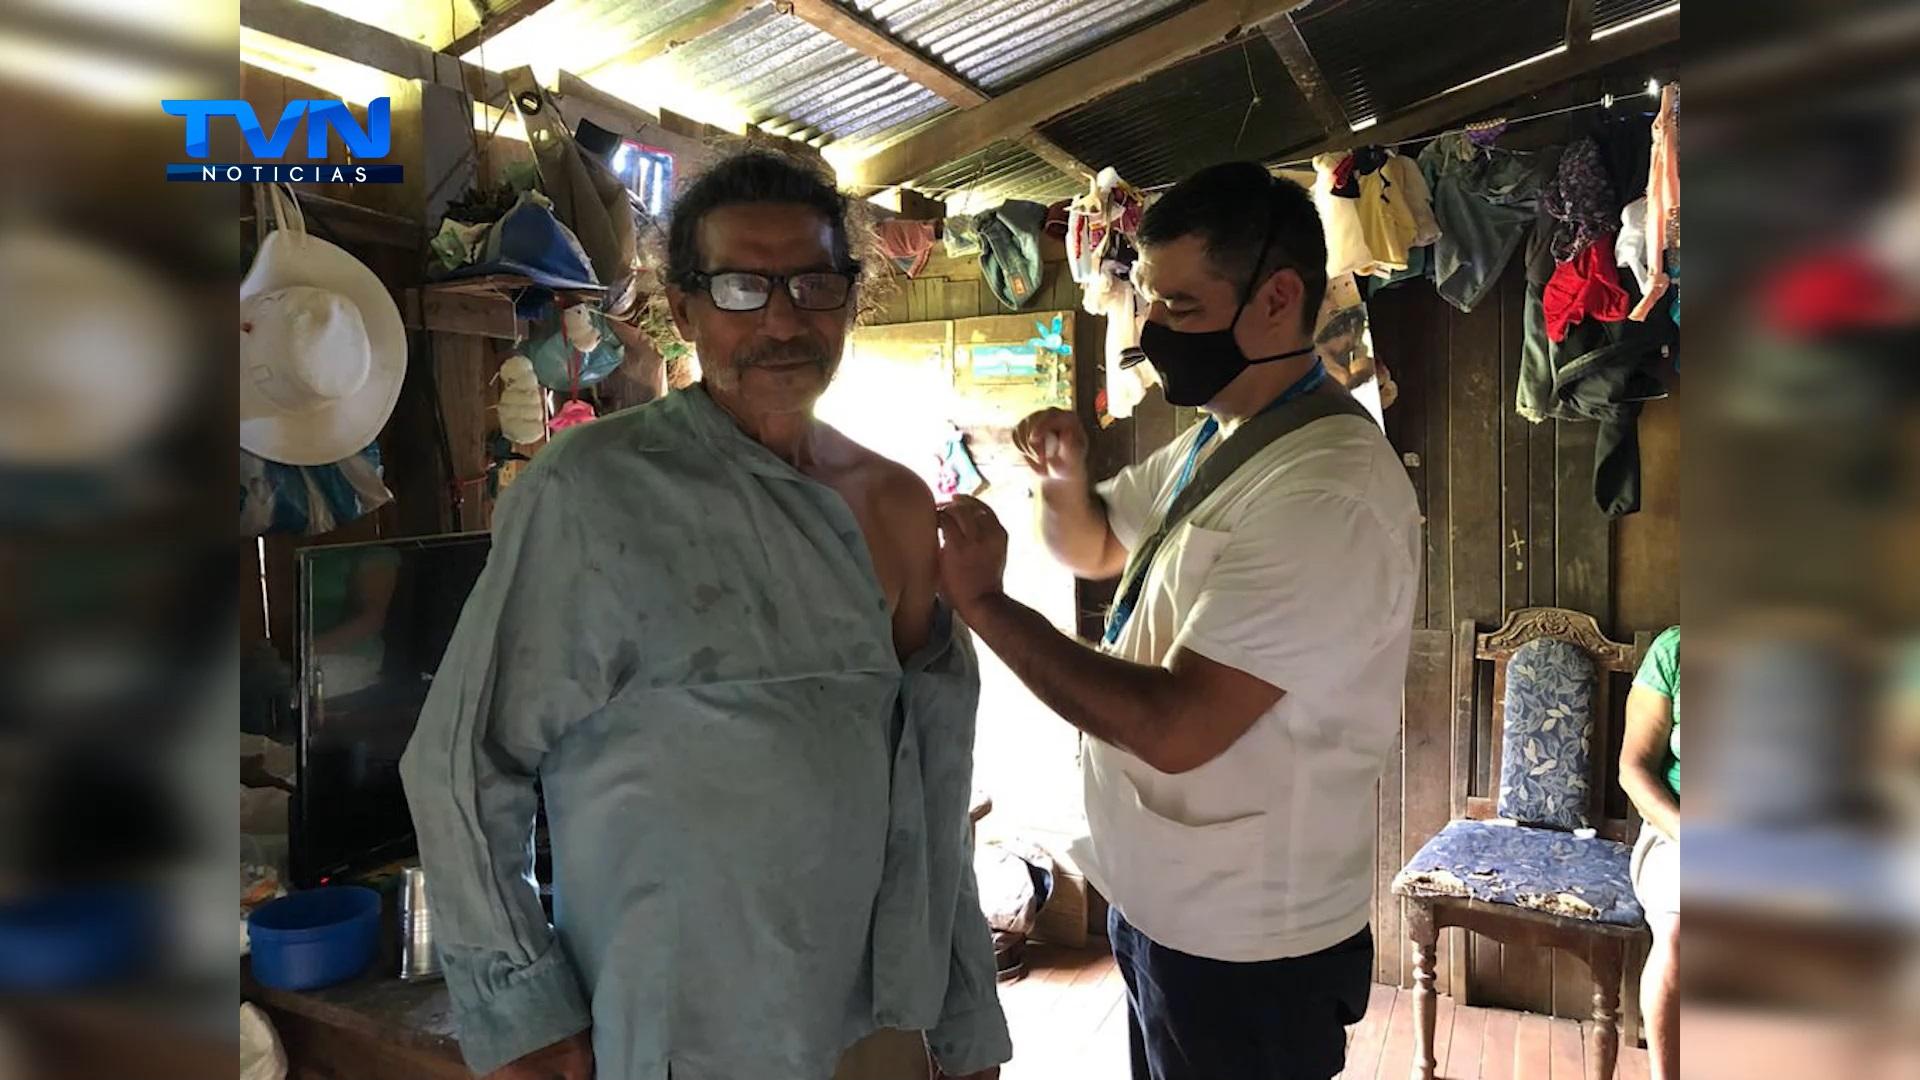 En un día, Ataps vacunaron a 70 personas adscritas al área de salud de Santa Rosa